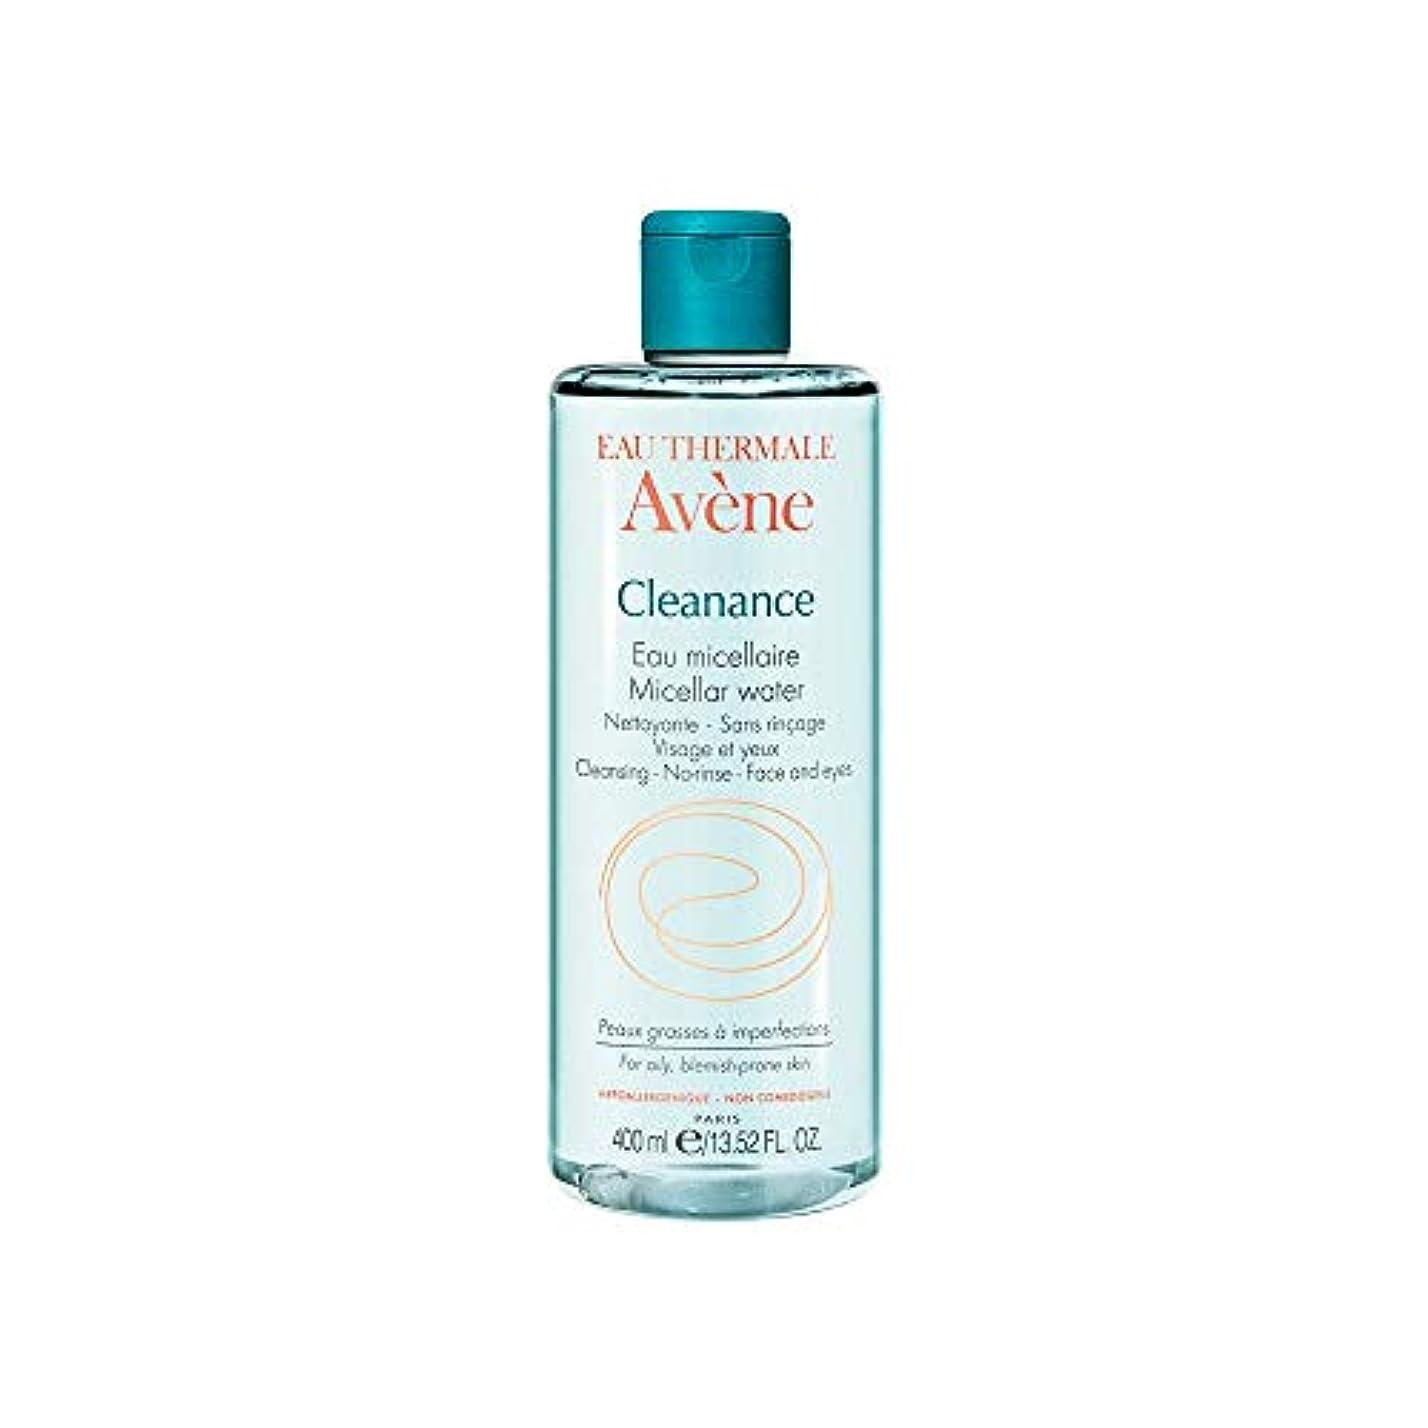 六大佐神経アベンヌ Cleanance Micellar Water (For Face & Eyes) - For Oily, Blemish-Prone Skin 400ml/13.52oz並行輸入品